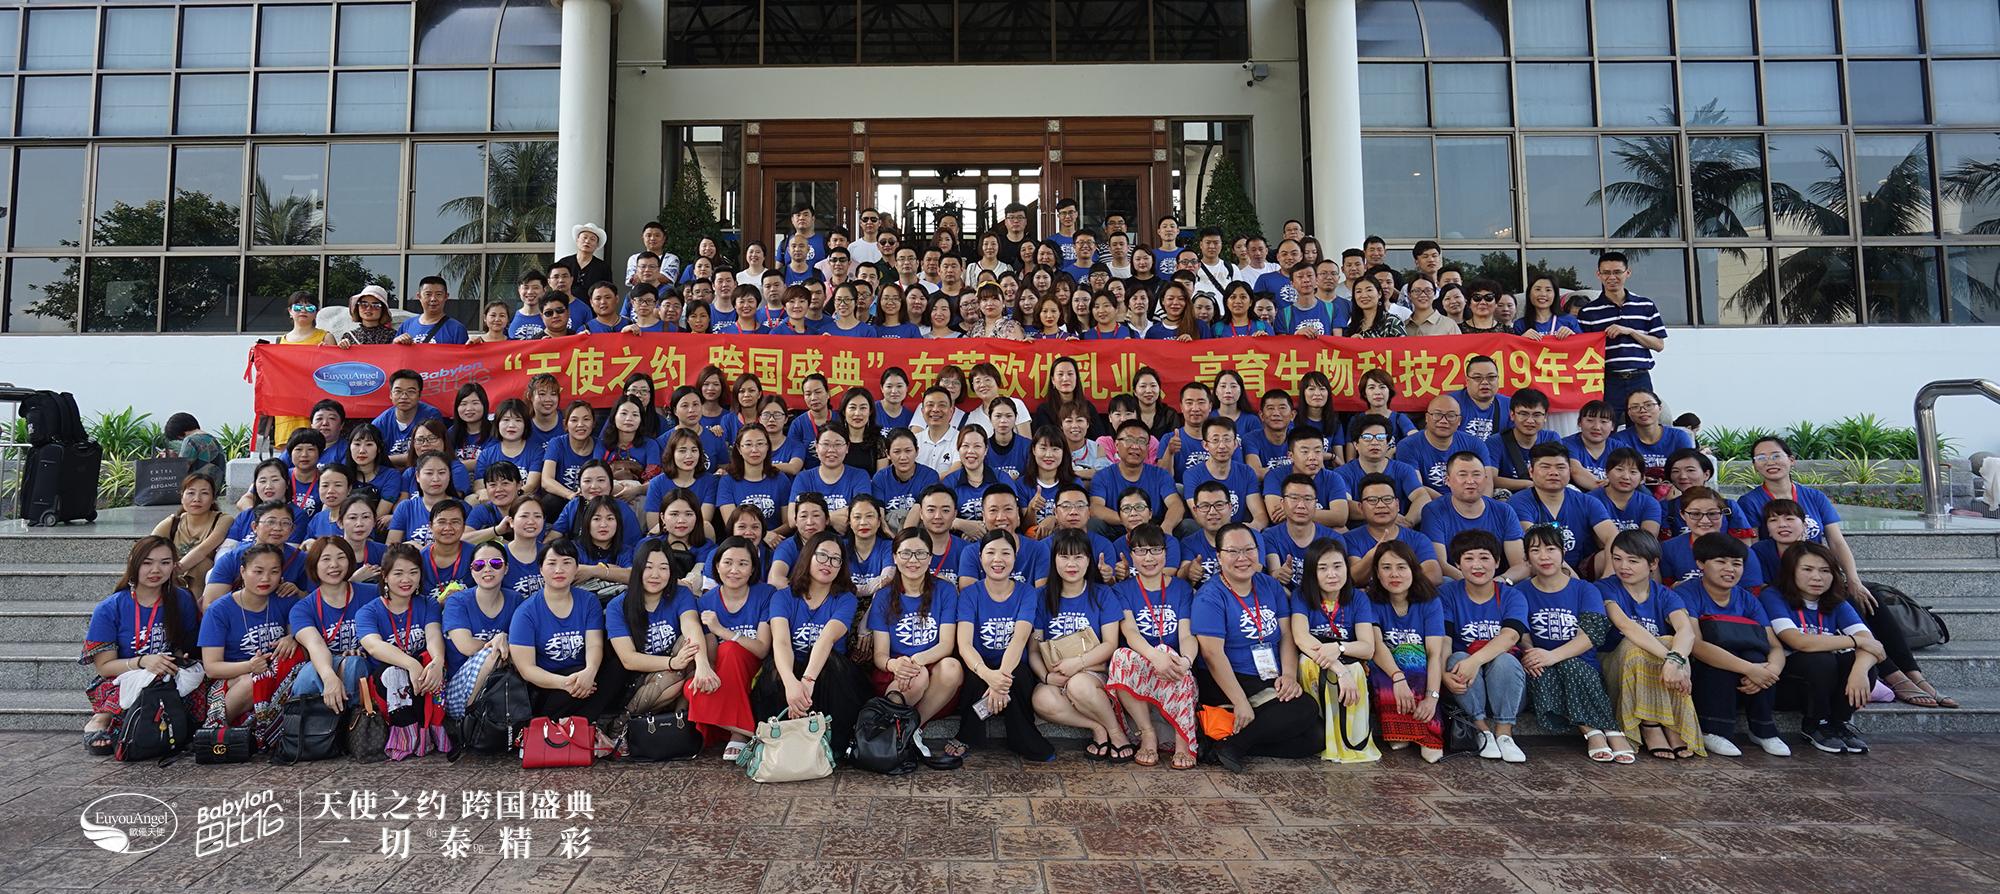 欧优天使母婴营养高峰论坛在泰国圆满举行